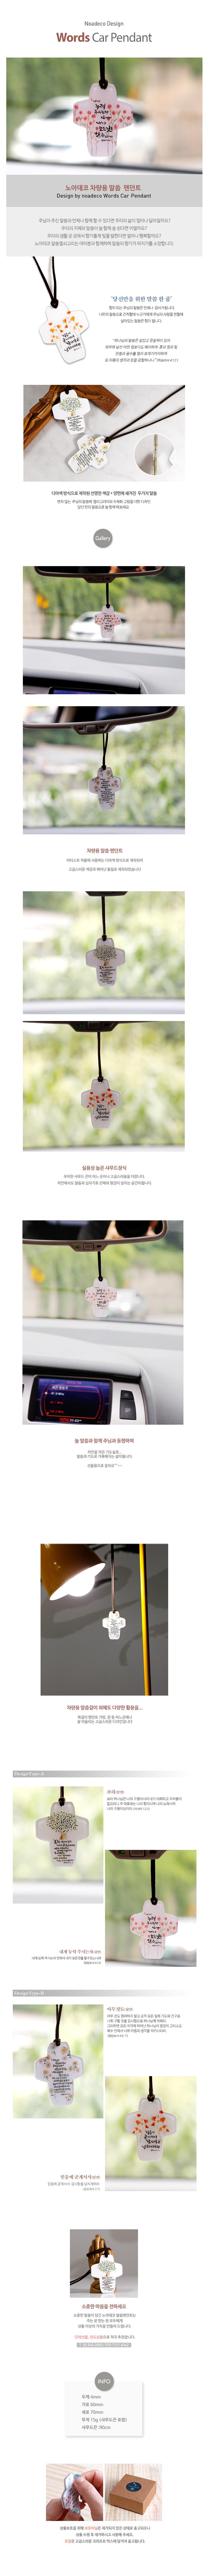 십자가 차량용 말씀팬던트 - 노아데코, 5,800원, 패션, 패션목걸이